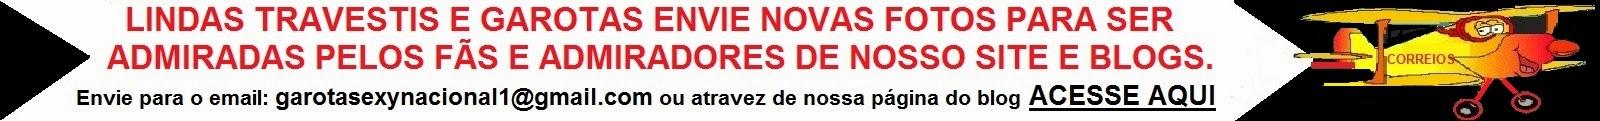 garotassexnacional1.blogspot.com.br